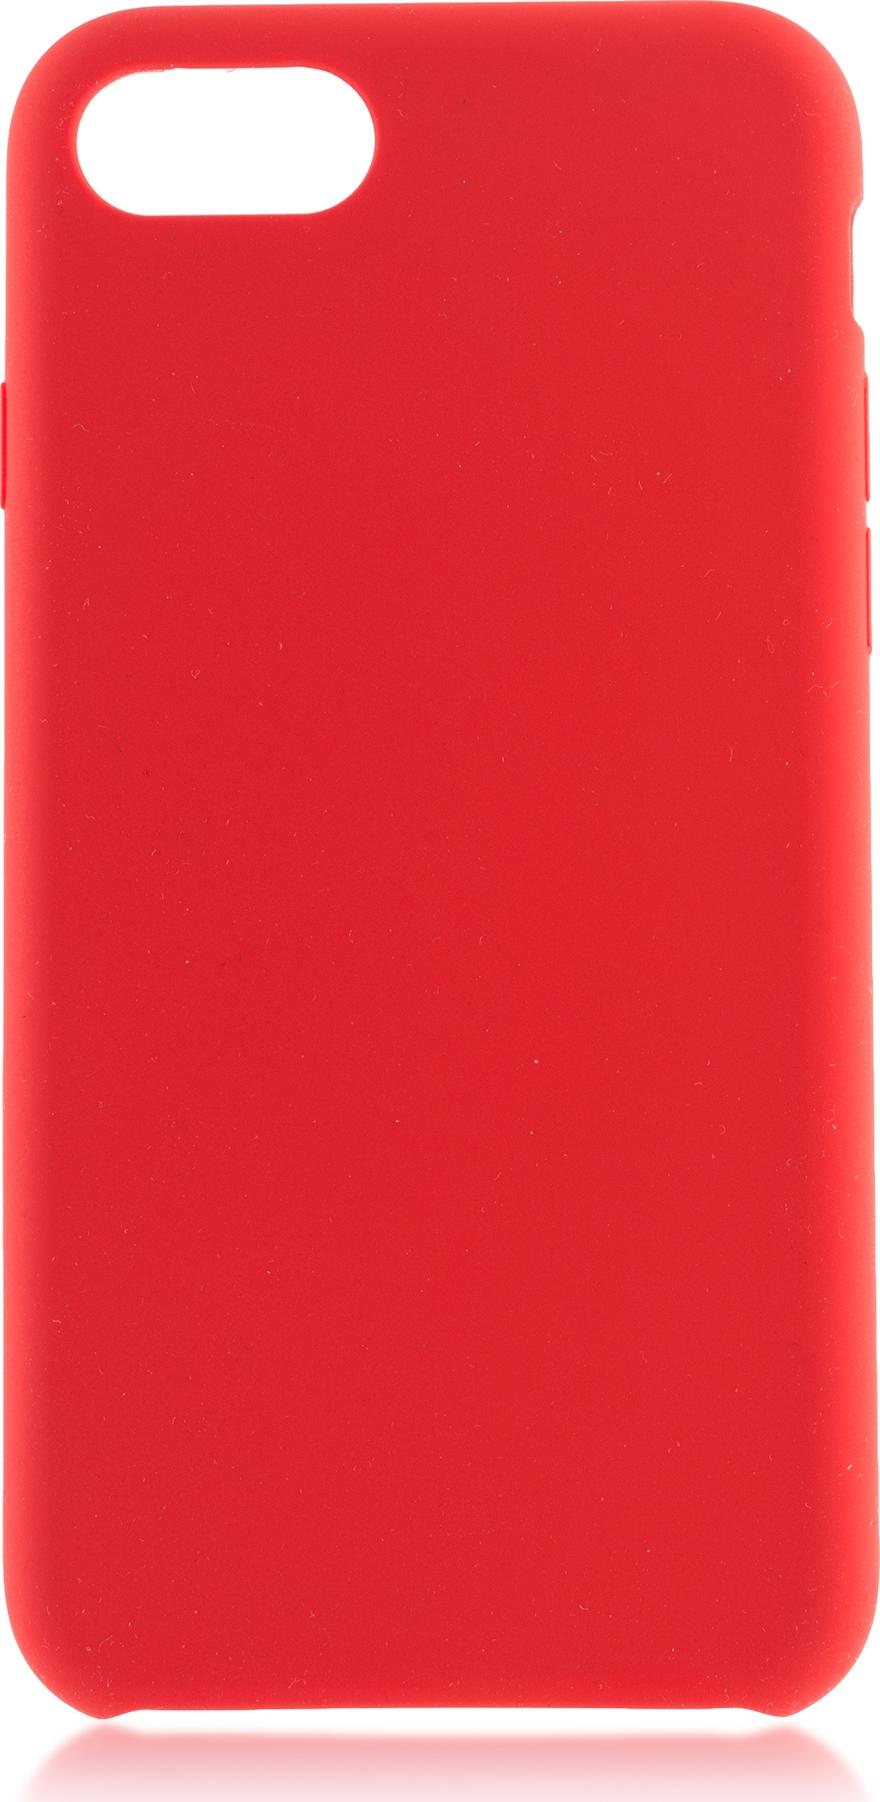 Чехол Brosco Softrubber для Apple iPhone 7, красный цена и фото